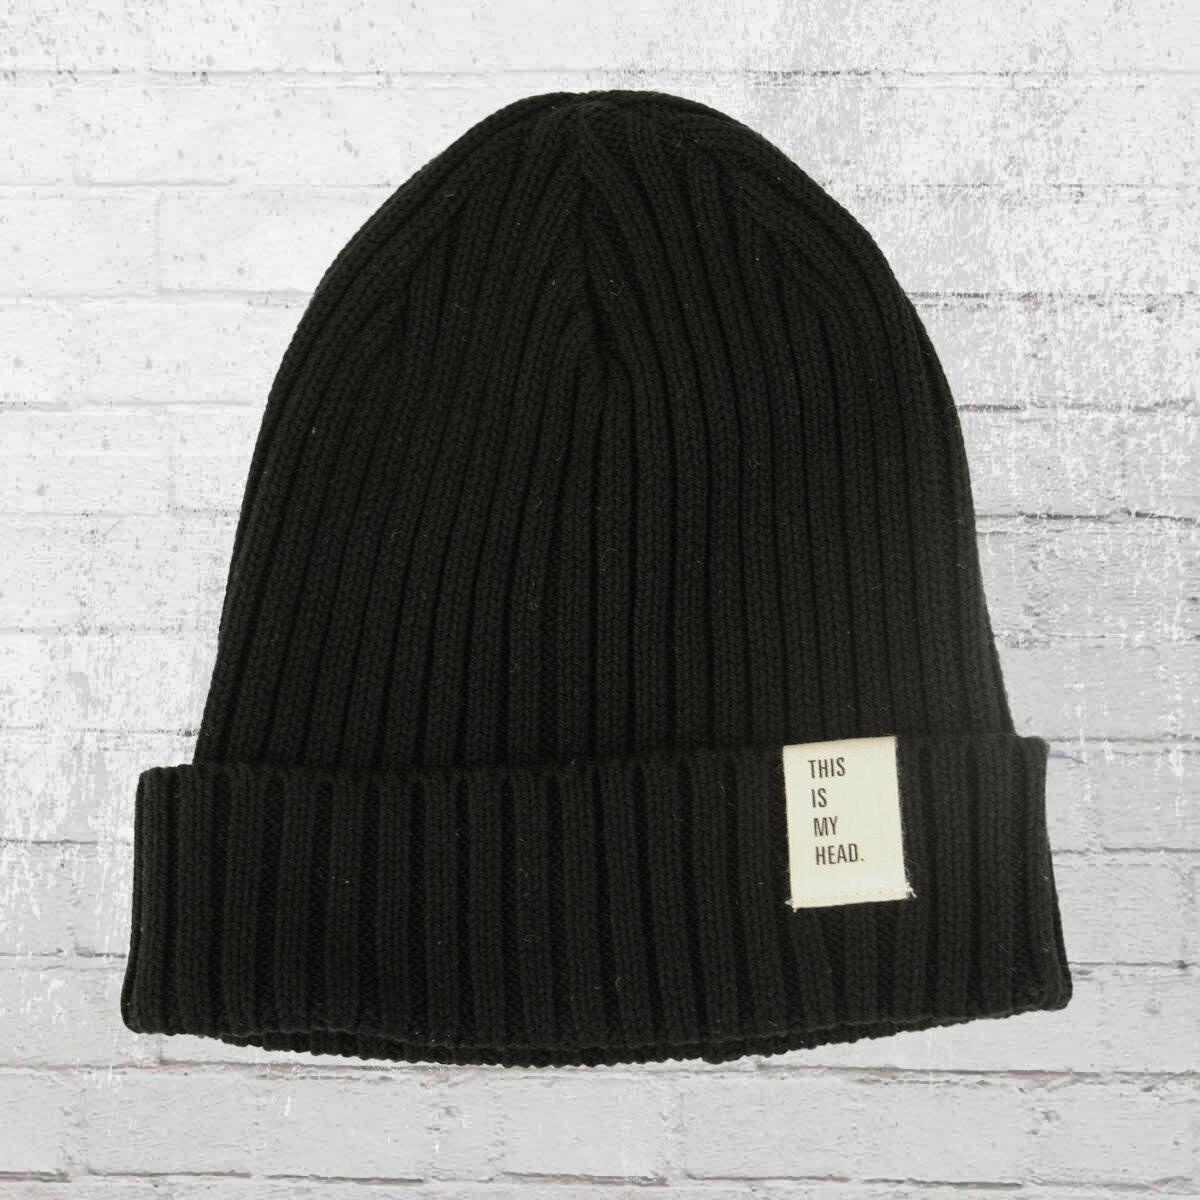 AOP Baumwoll Strick-Mütze My Head Beanie schwarz Knit Hat